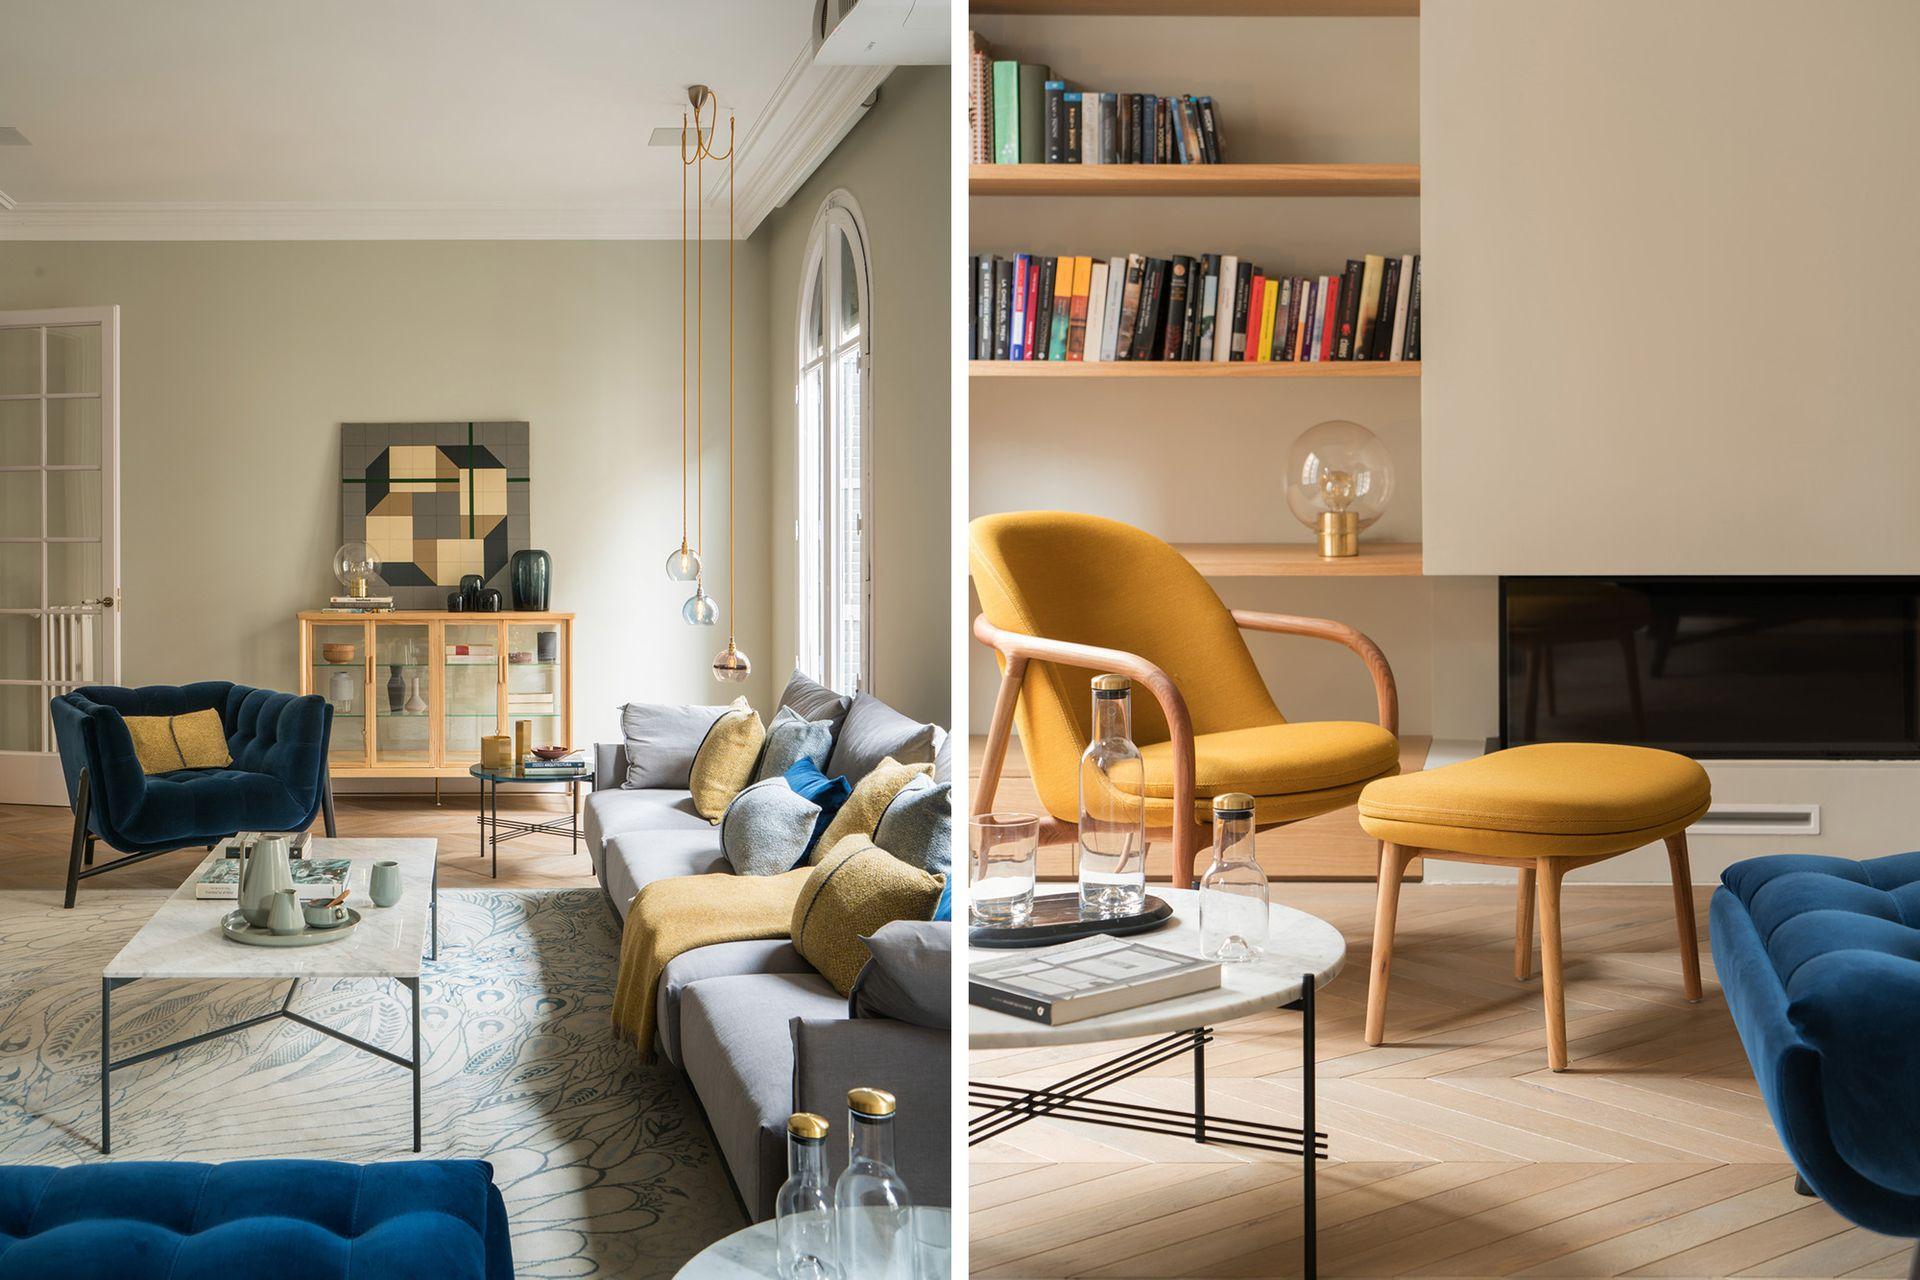 """La luminosidad del amarillo y la estabilidad del azul conforman una tendencia que arrasa. """"De esa combinación resulta un salón elegante y dinámico"""", describen los expertos del estudio."""